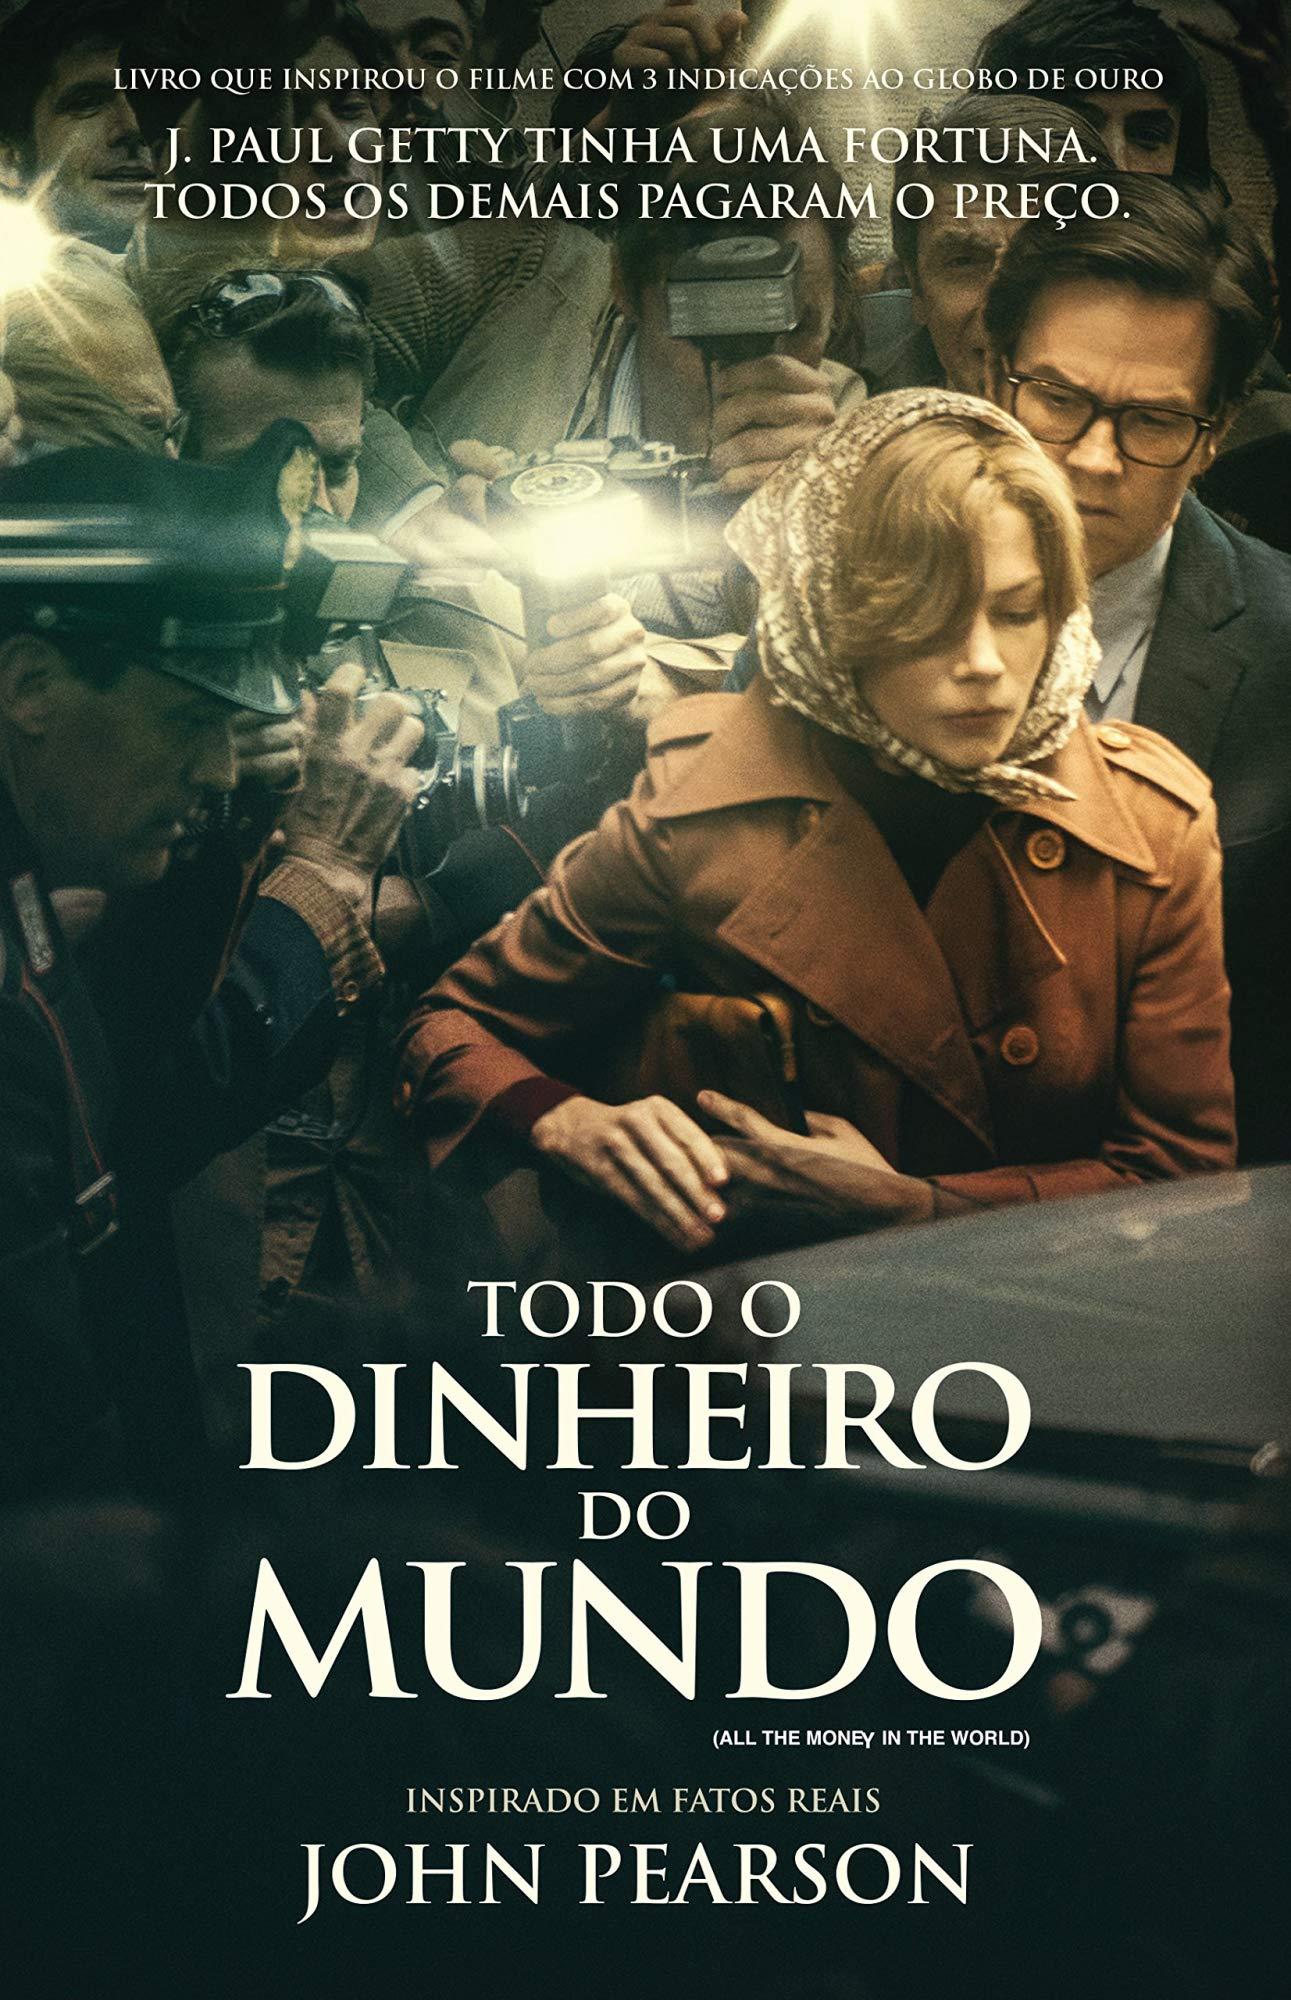 TODO O DINHEIRO DO MUNDO